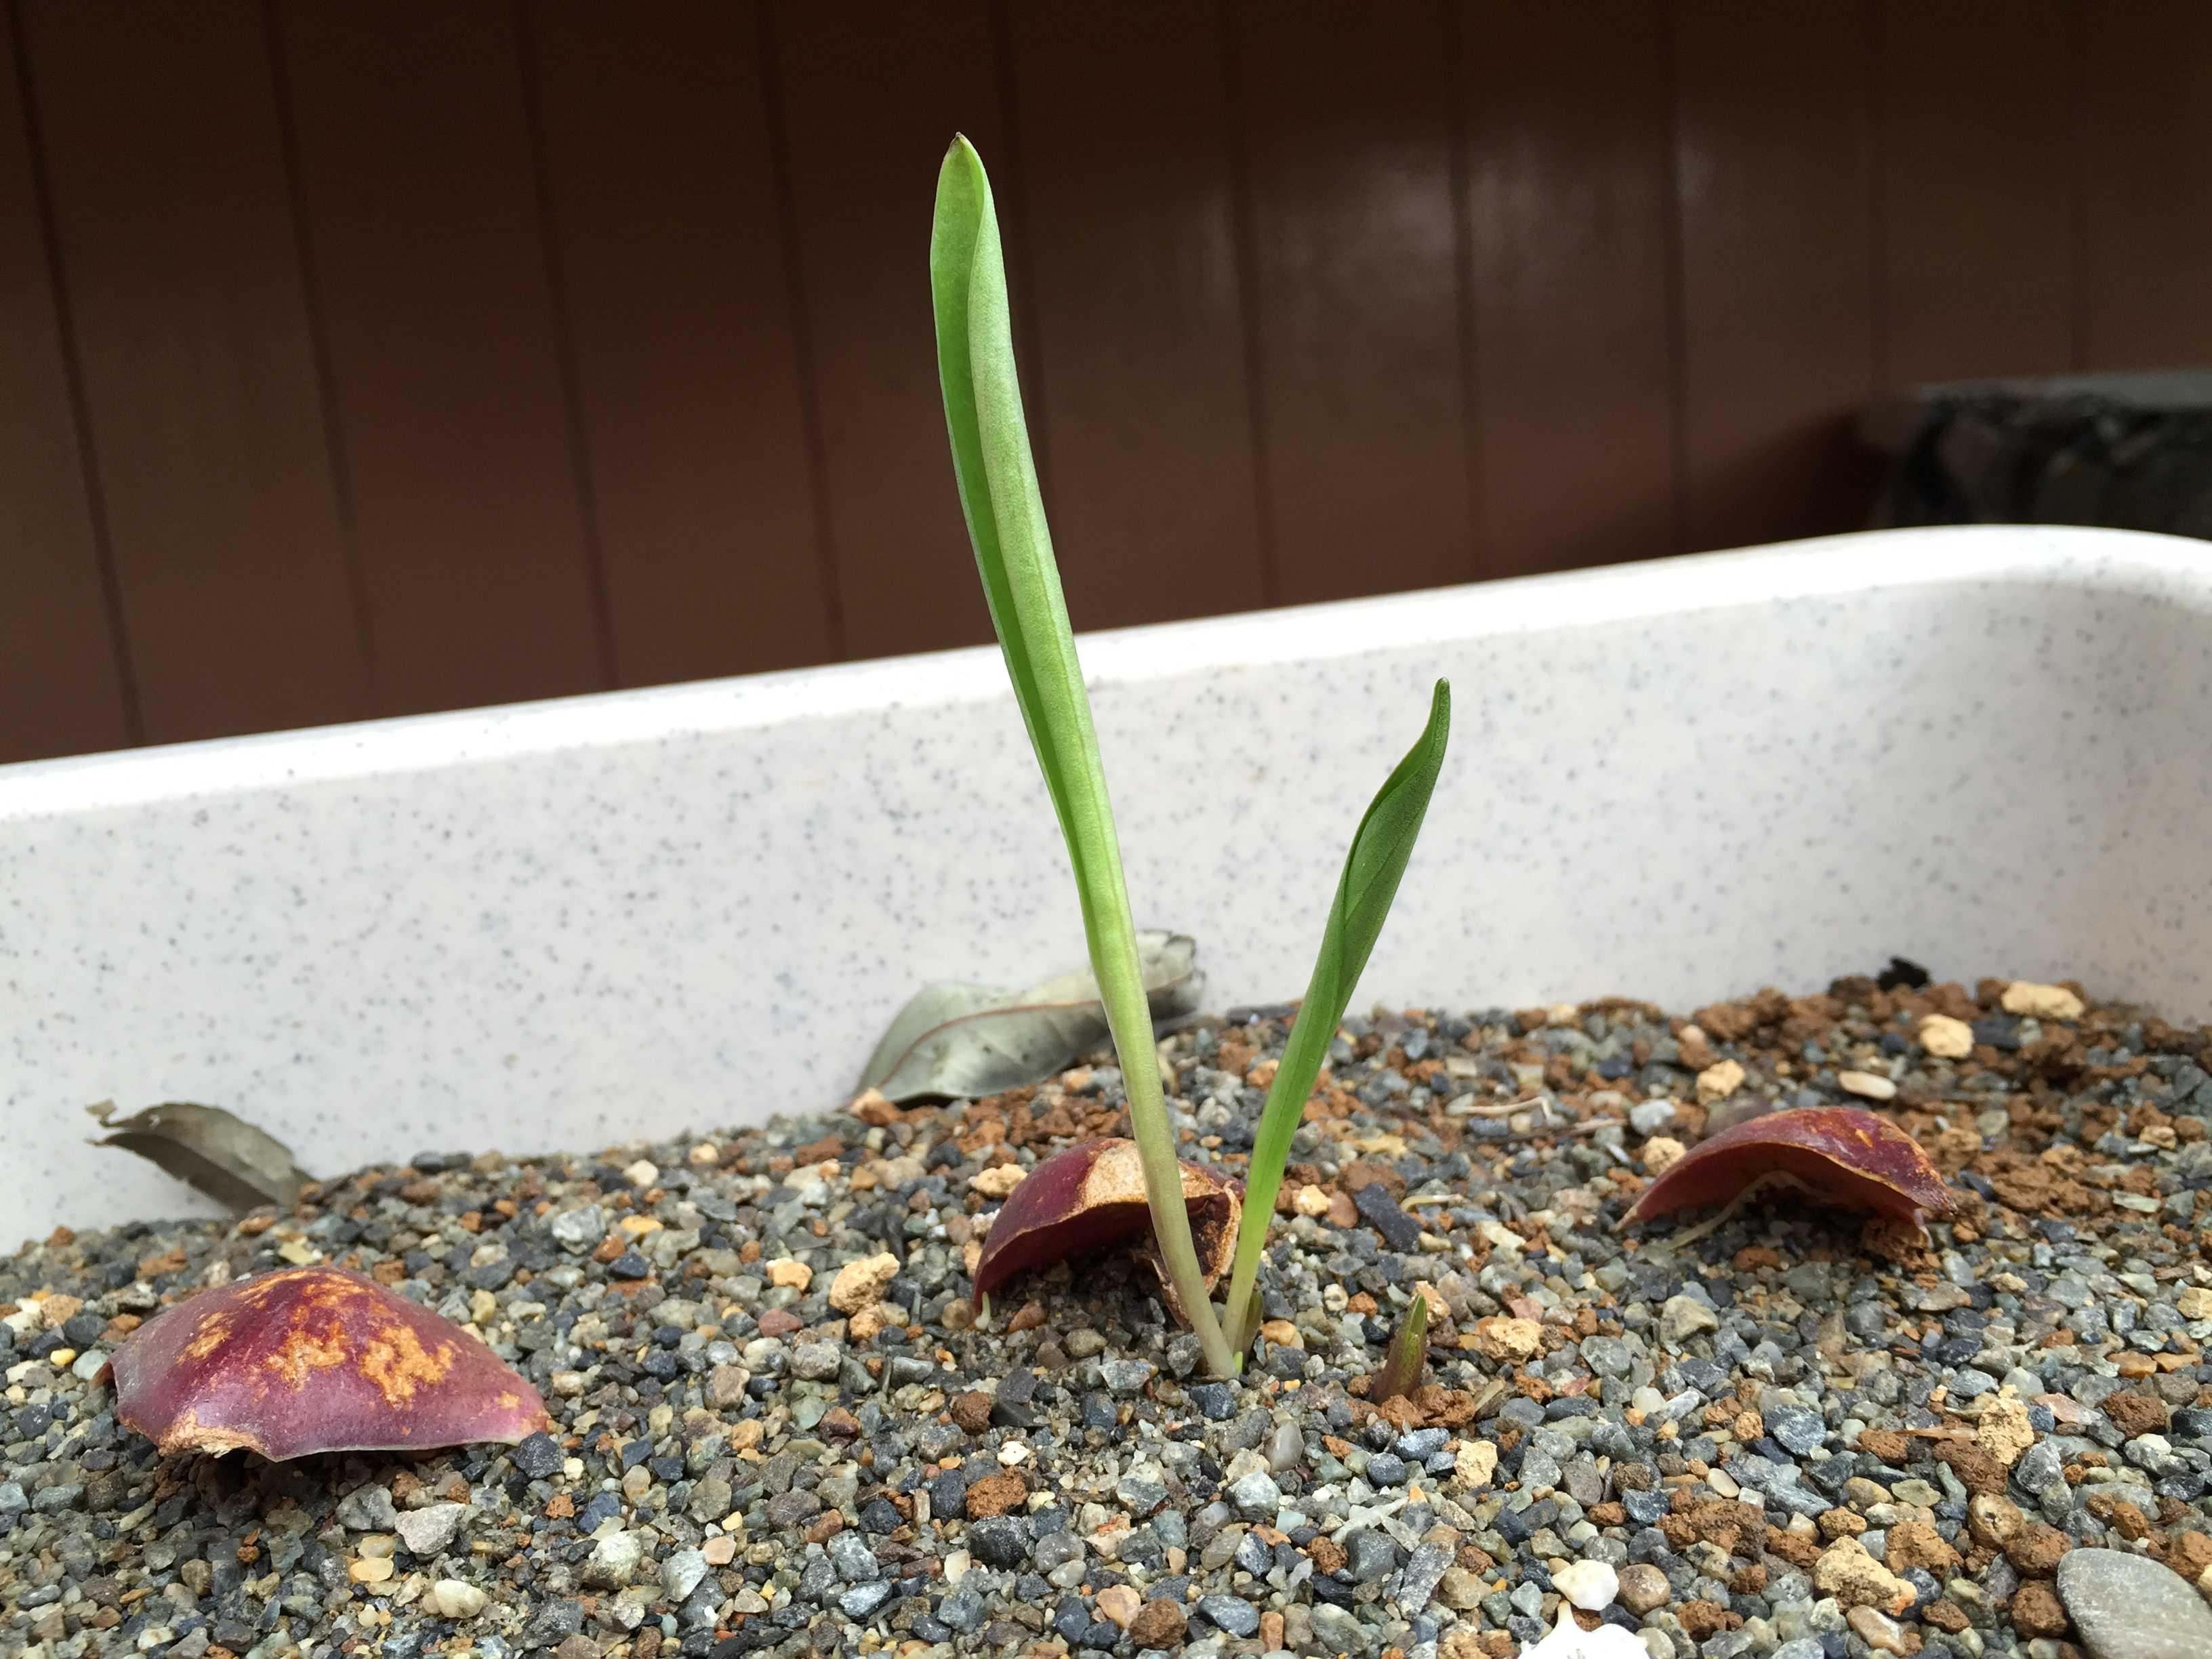 鱗片挿しでのヤマユリの発芽